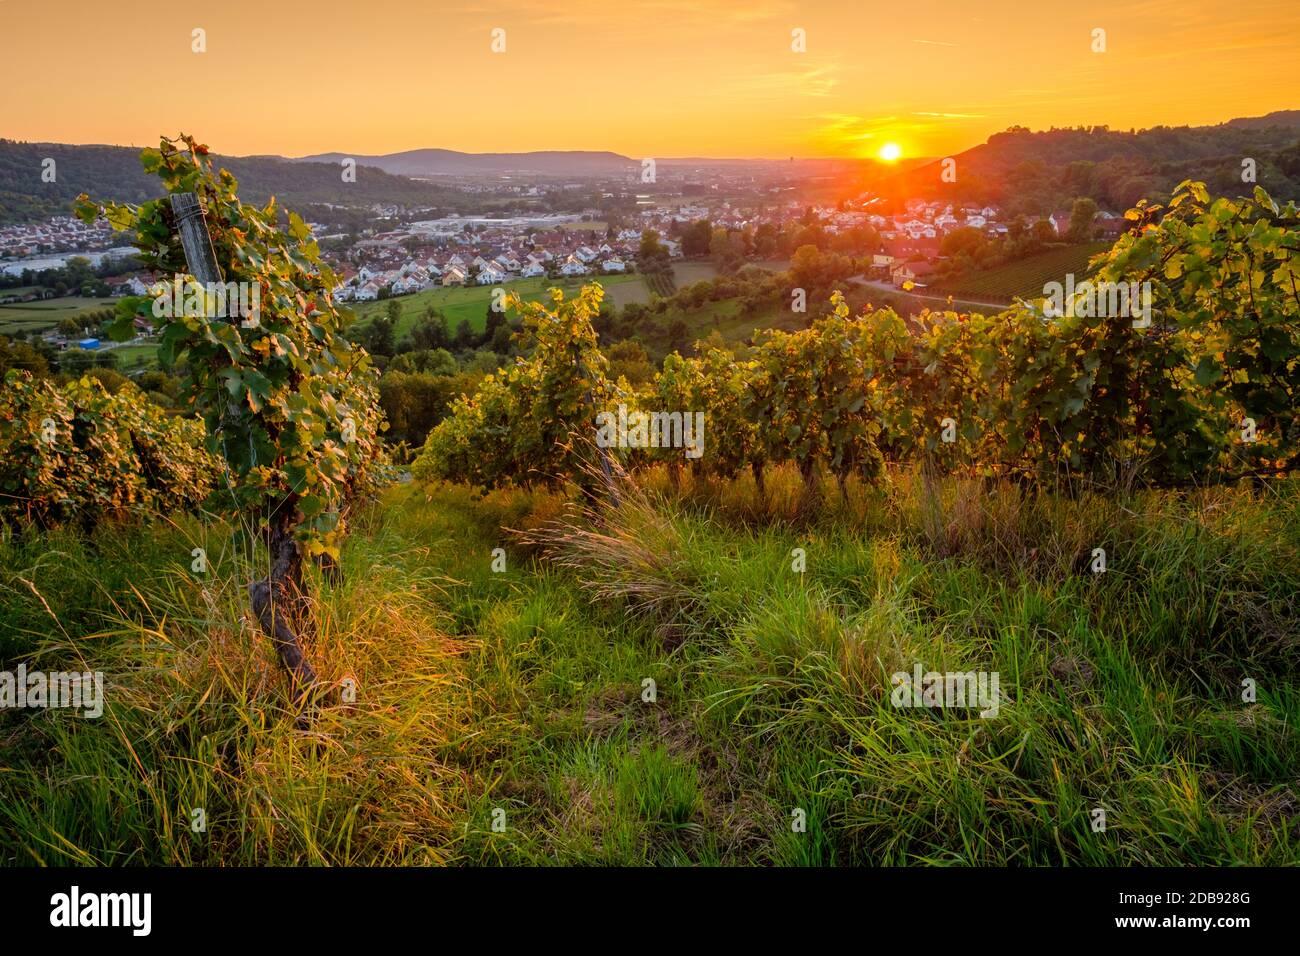 Weinberg Sonnenuntergang im Sommer mit Sonnen Stock Photo